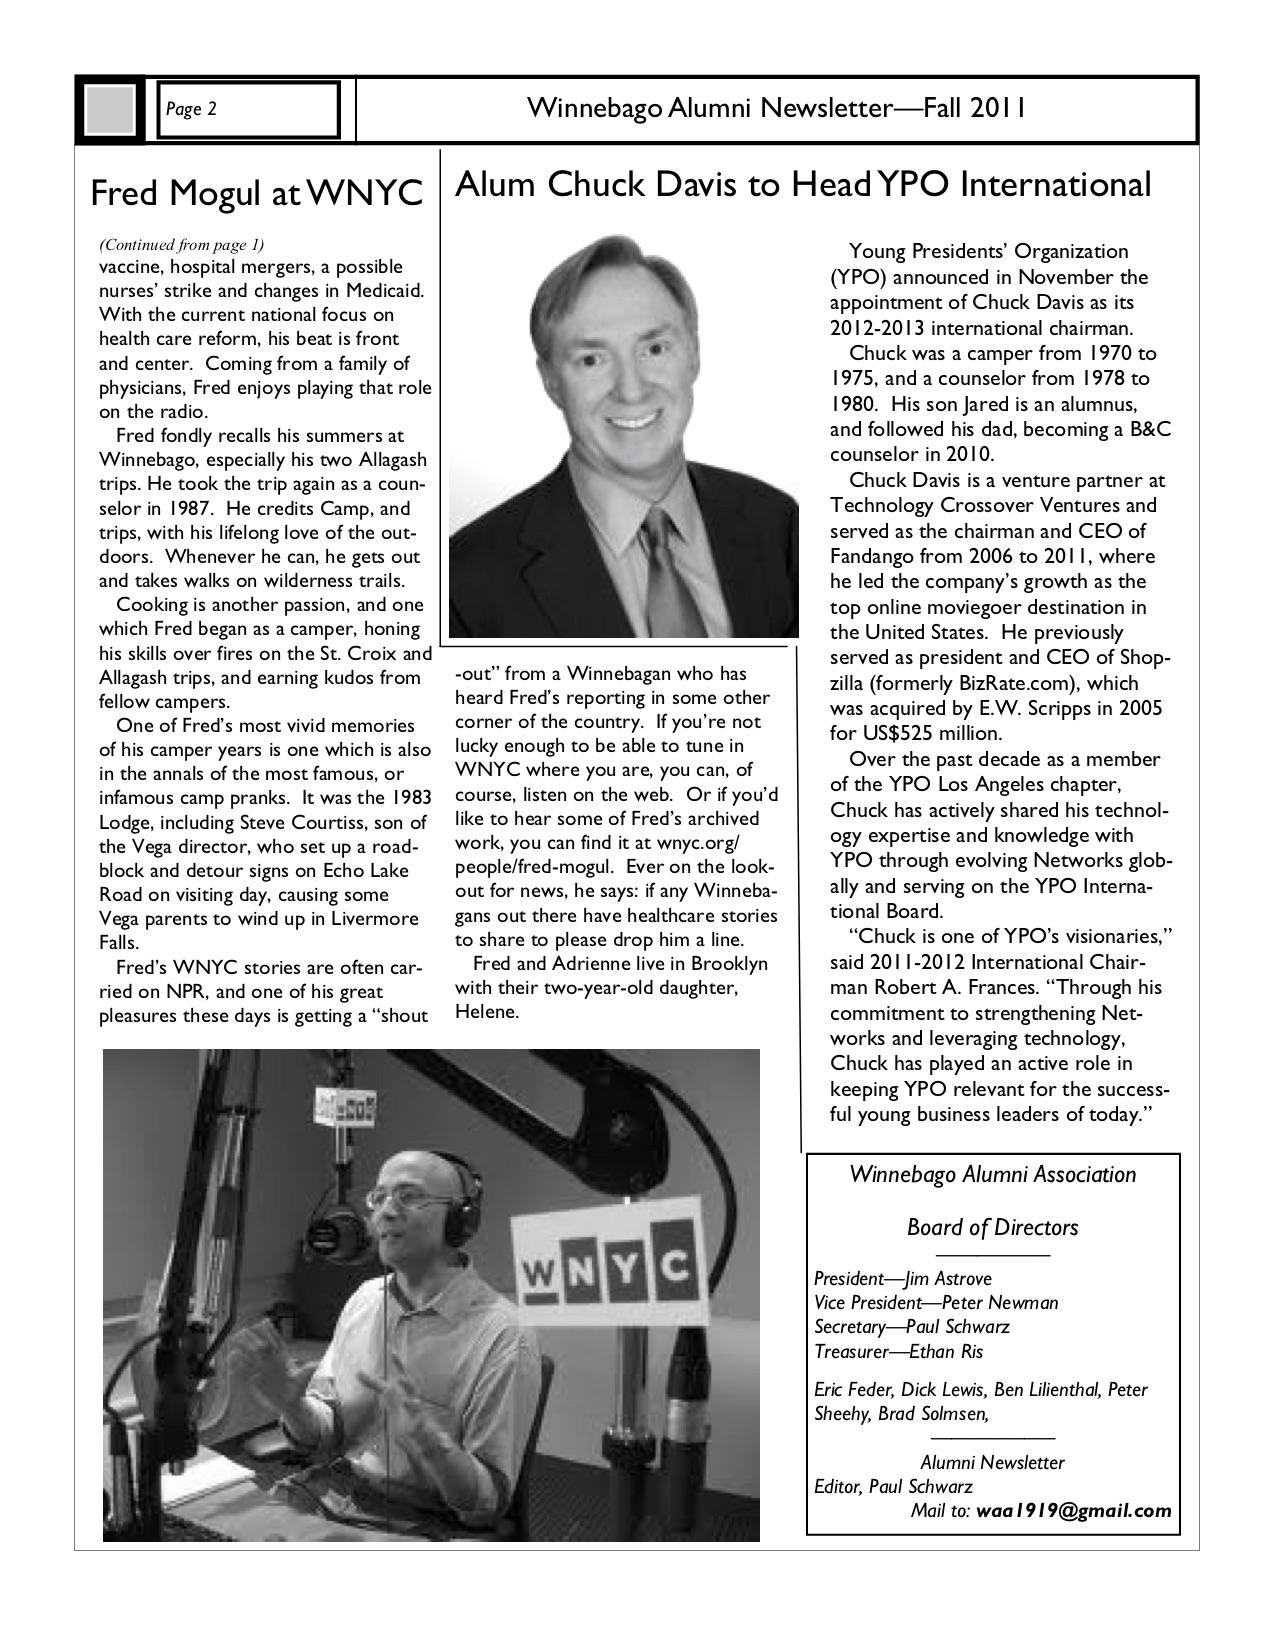 2011 Fall Newsletter 2.jpg